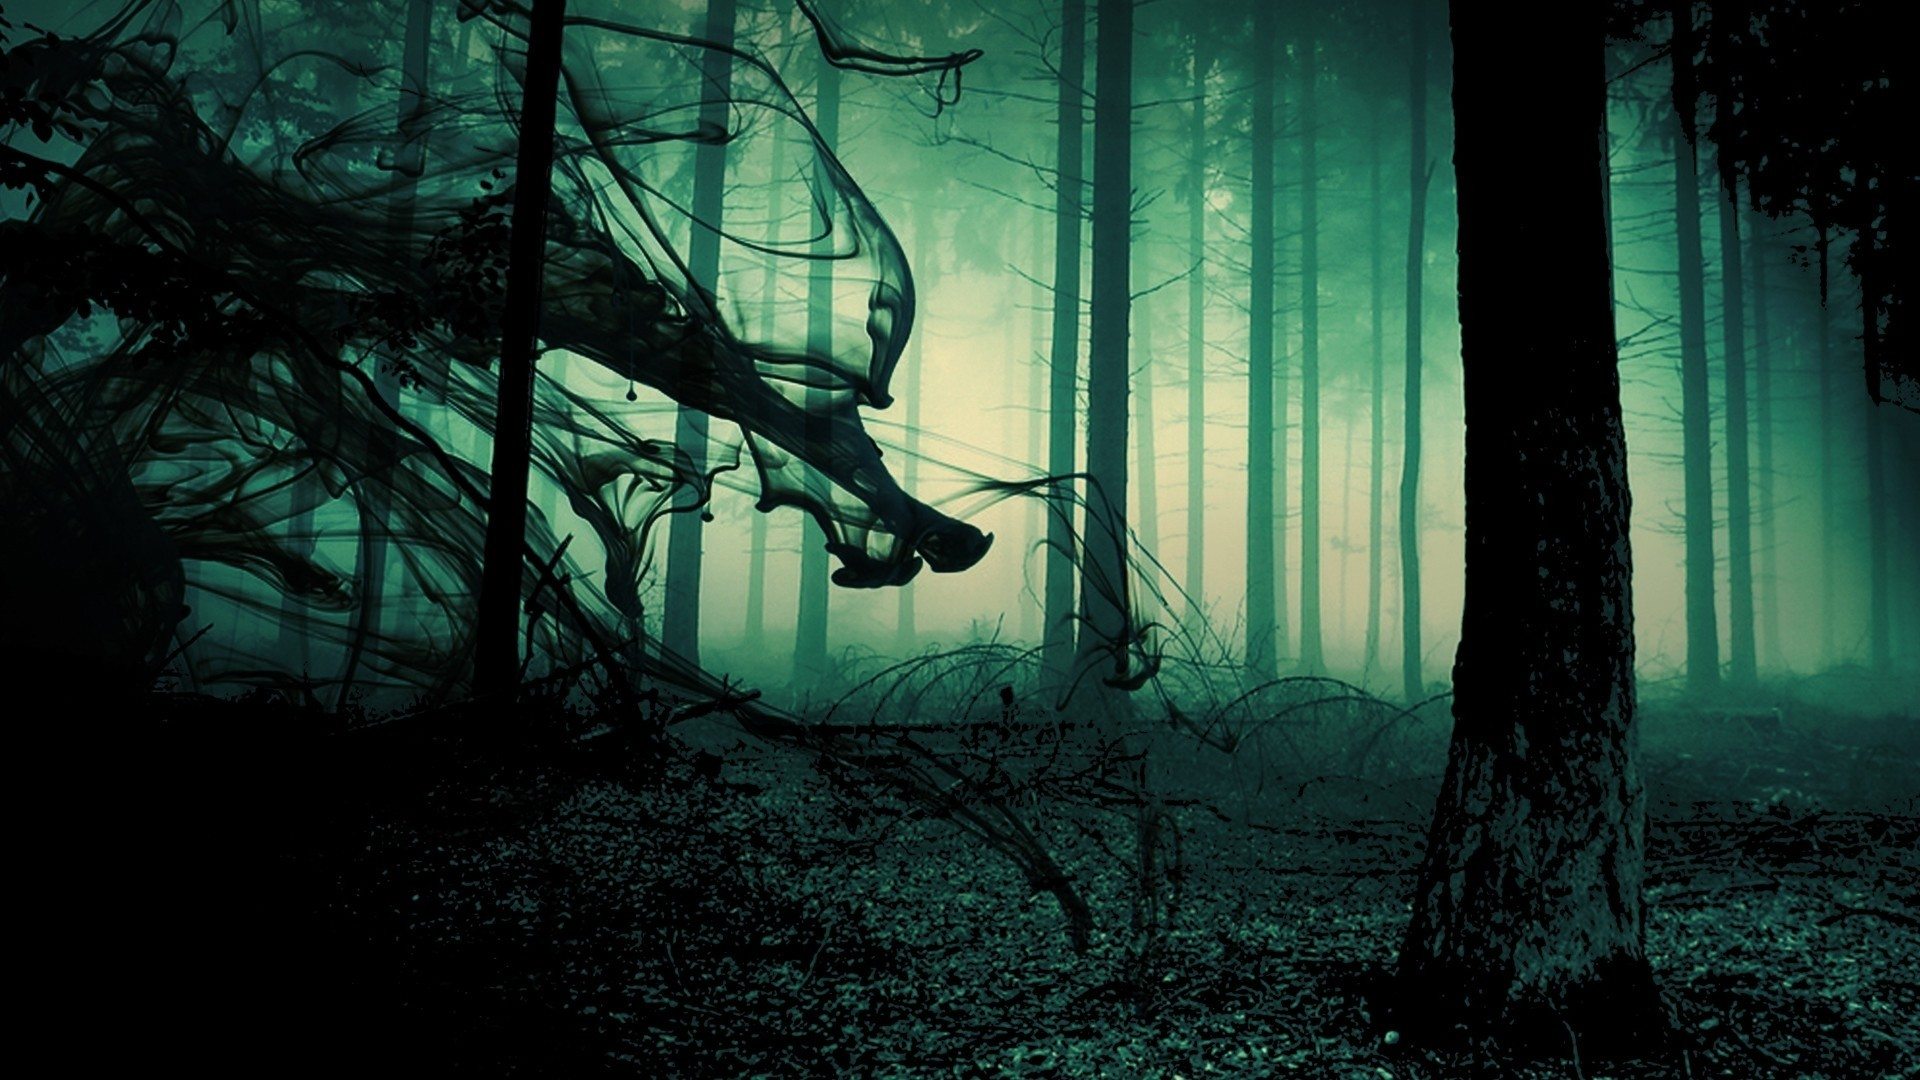 forest fog mood sunlight moonlight light wallpaper | | 27846 .